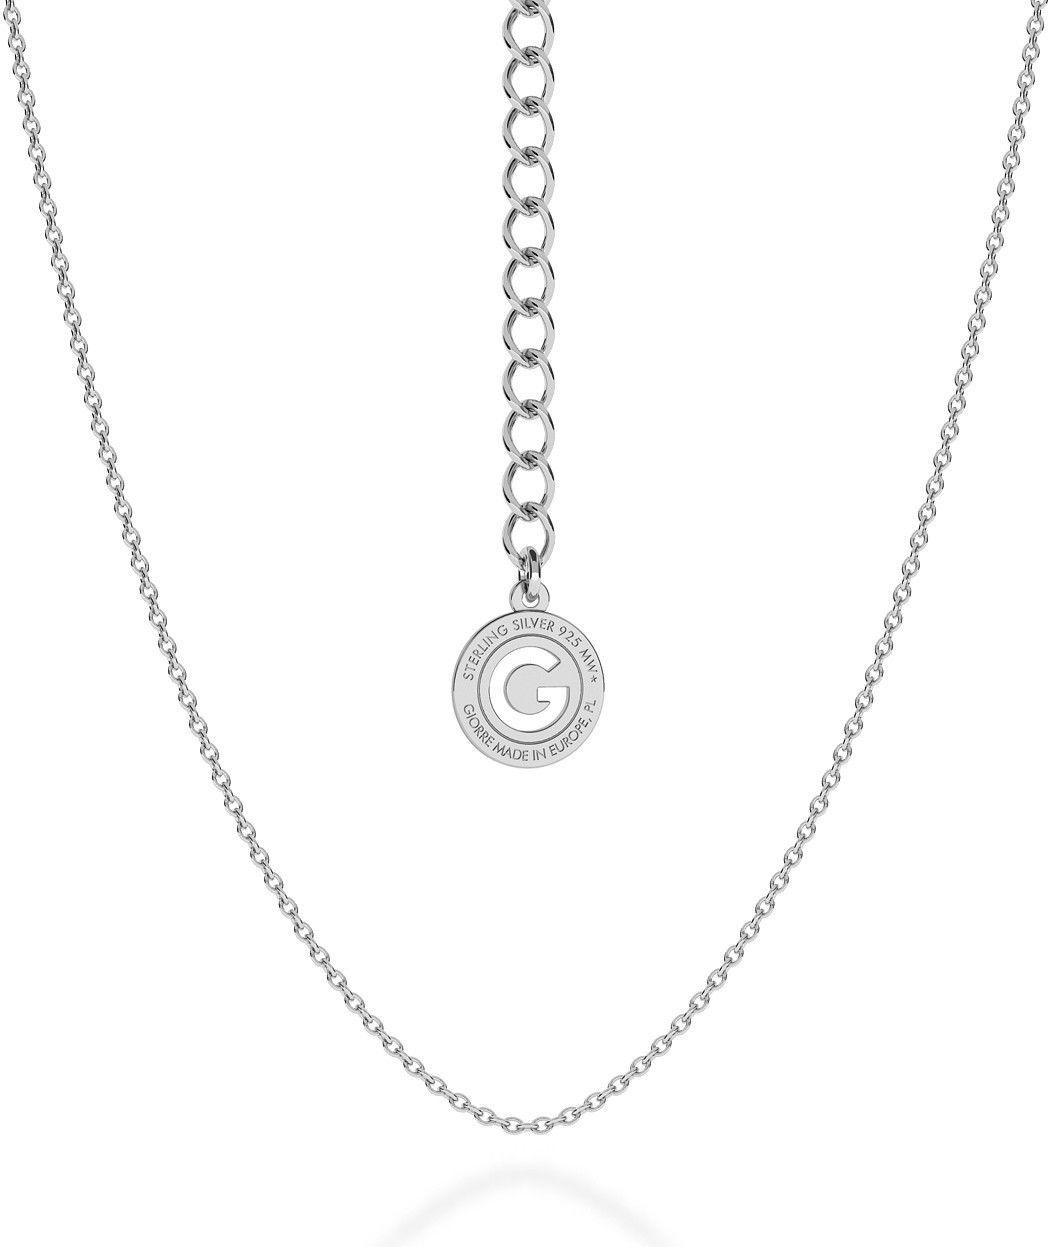 Srebrny delikatny łańcuszek ankier, srebro 925 : Długość (cm) - 40 + 5 , Srebro - kolor pokrycia - Pokrycie platyną